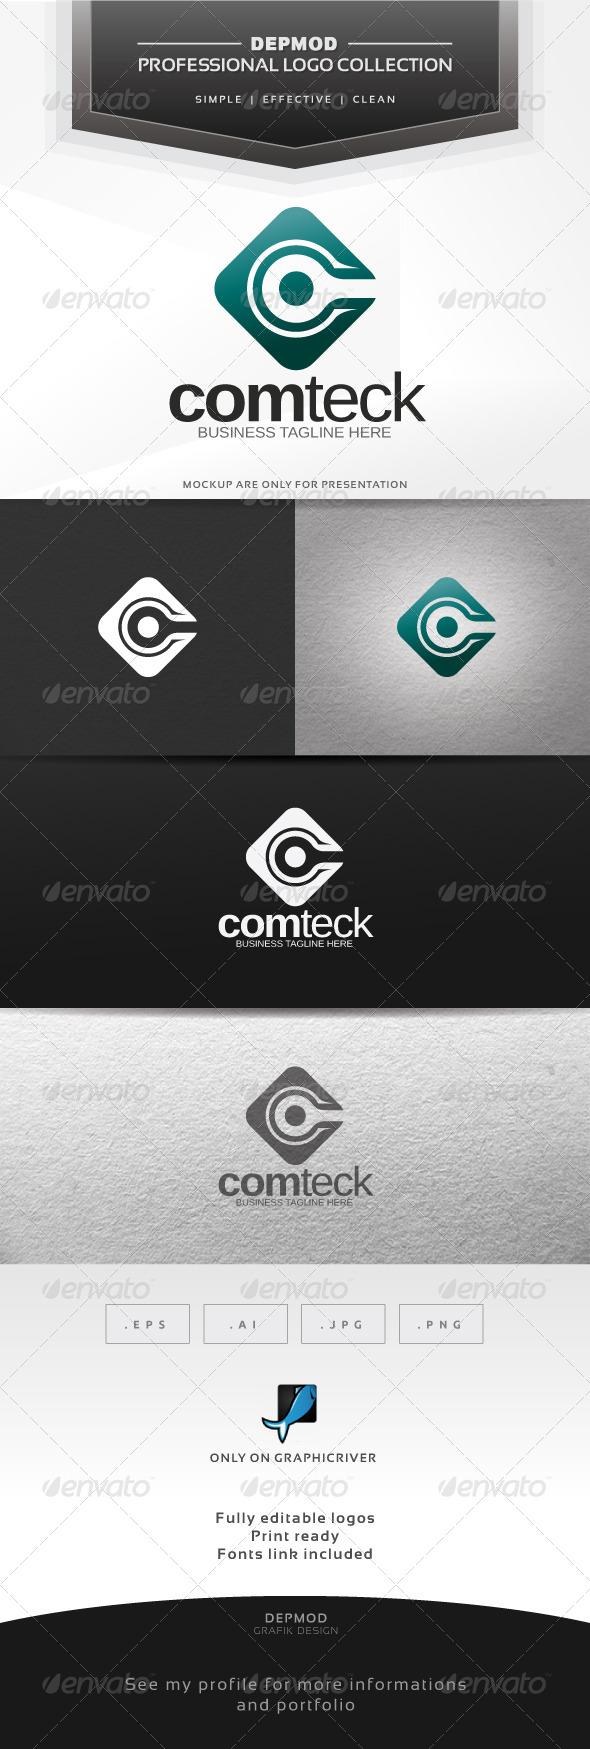 Comteck Logo - Abstract Logo Templates